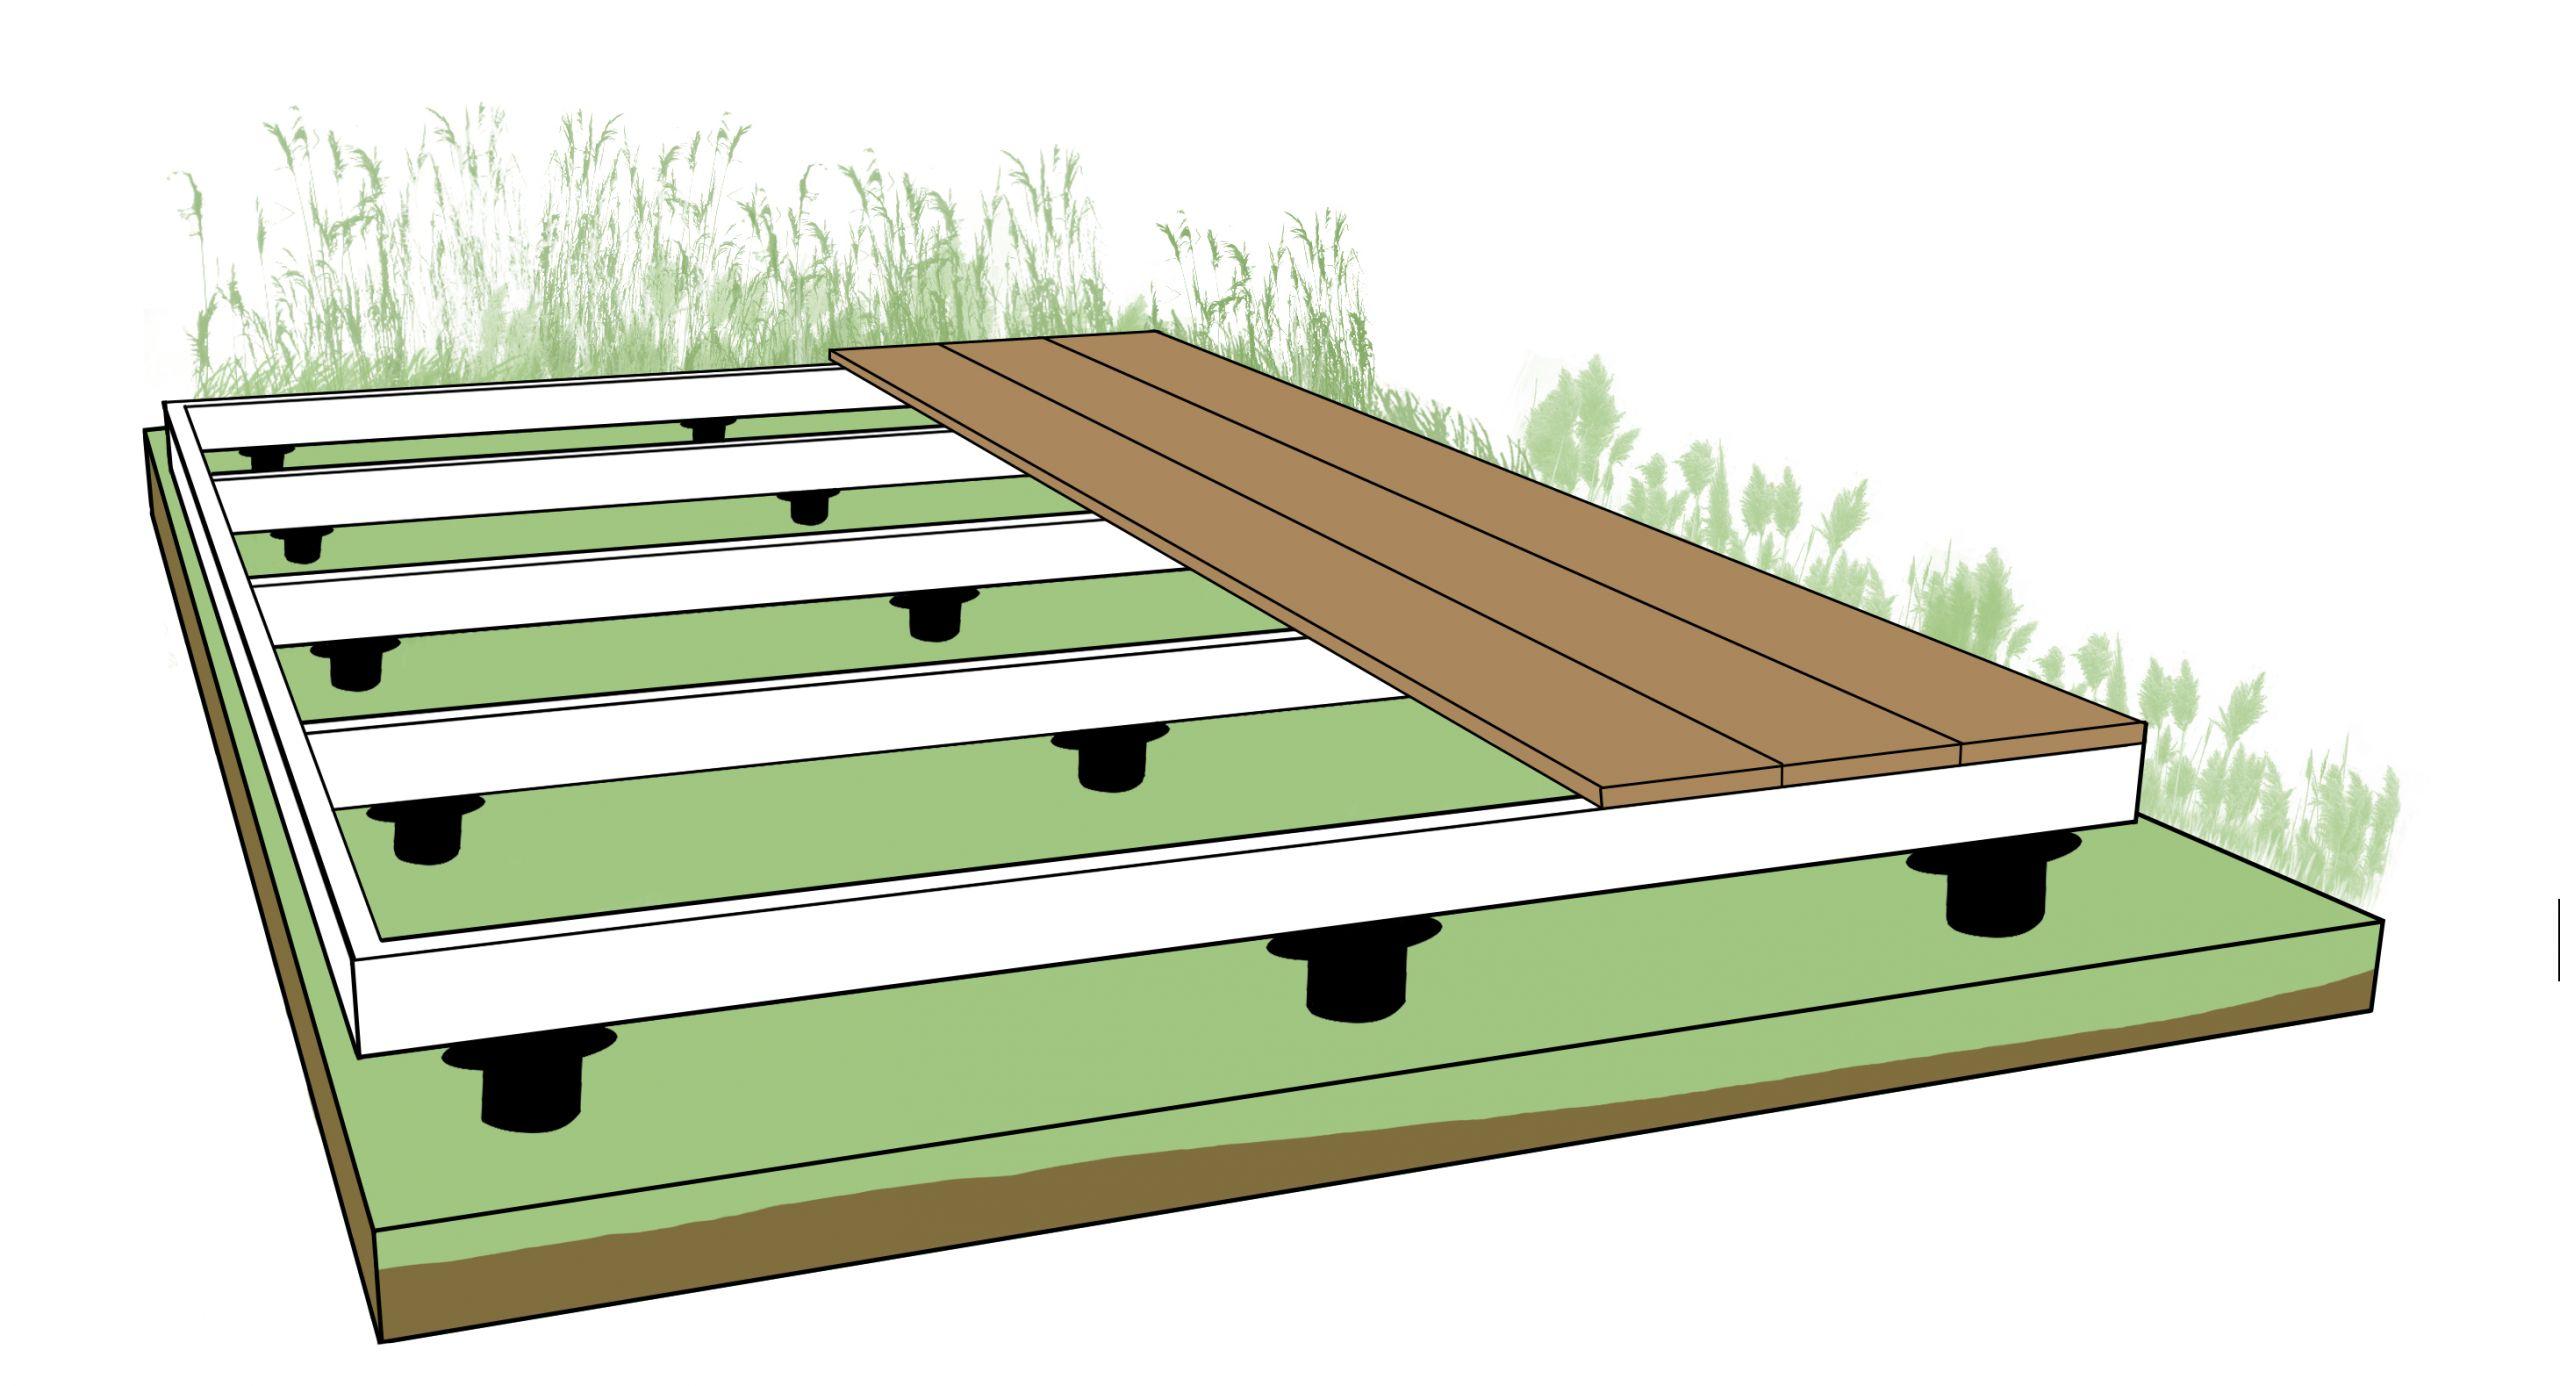 Fabriquer Terrasse En Bois Pas Cher terrasse bois pas cher construire une terrasse en bois pas